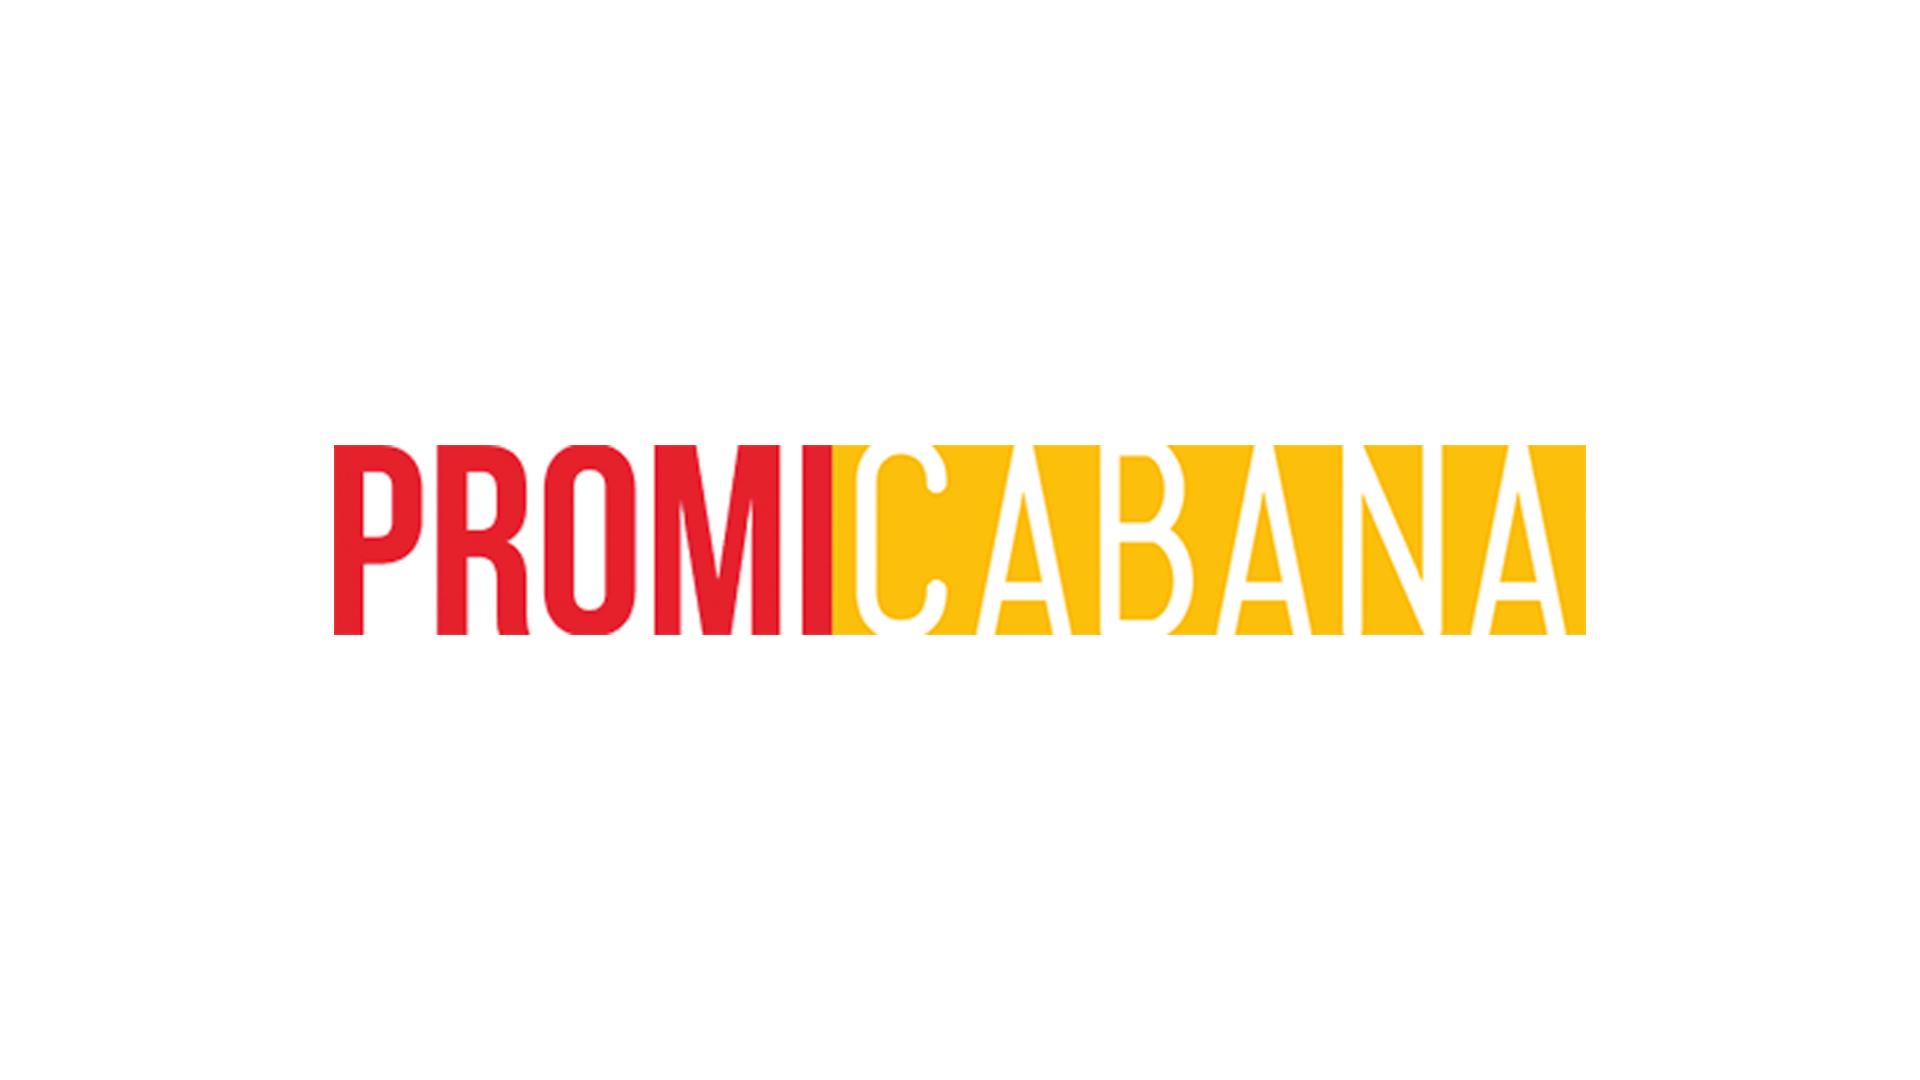 Christine-Baranski-Taxi